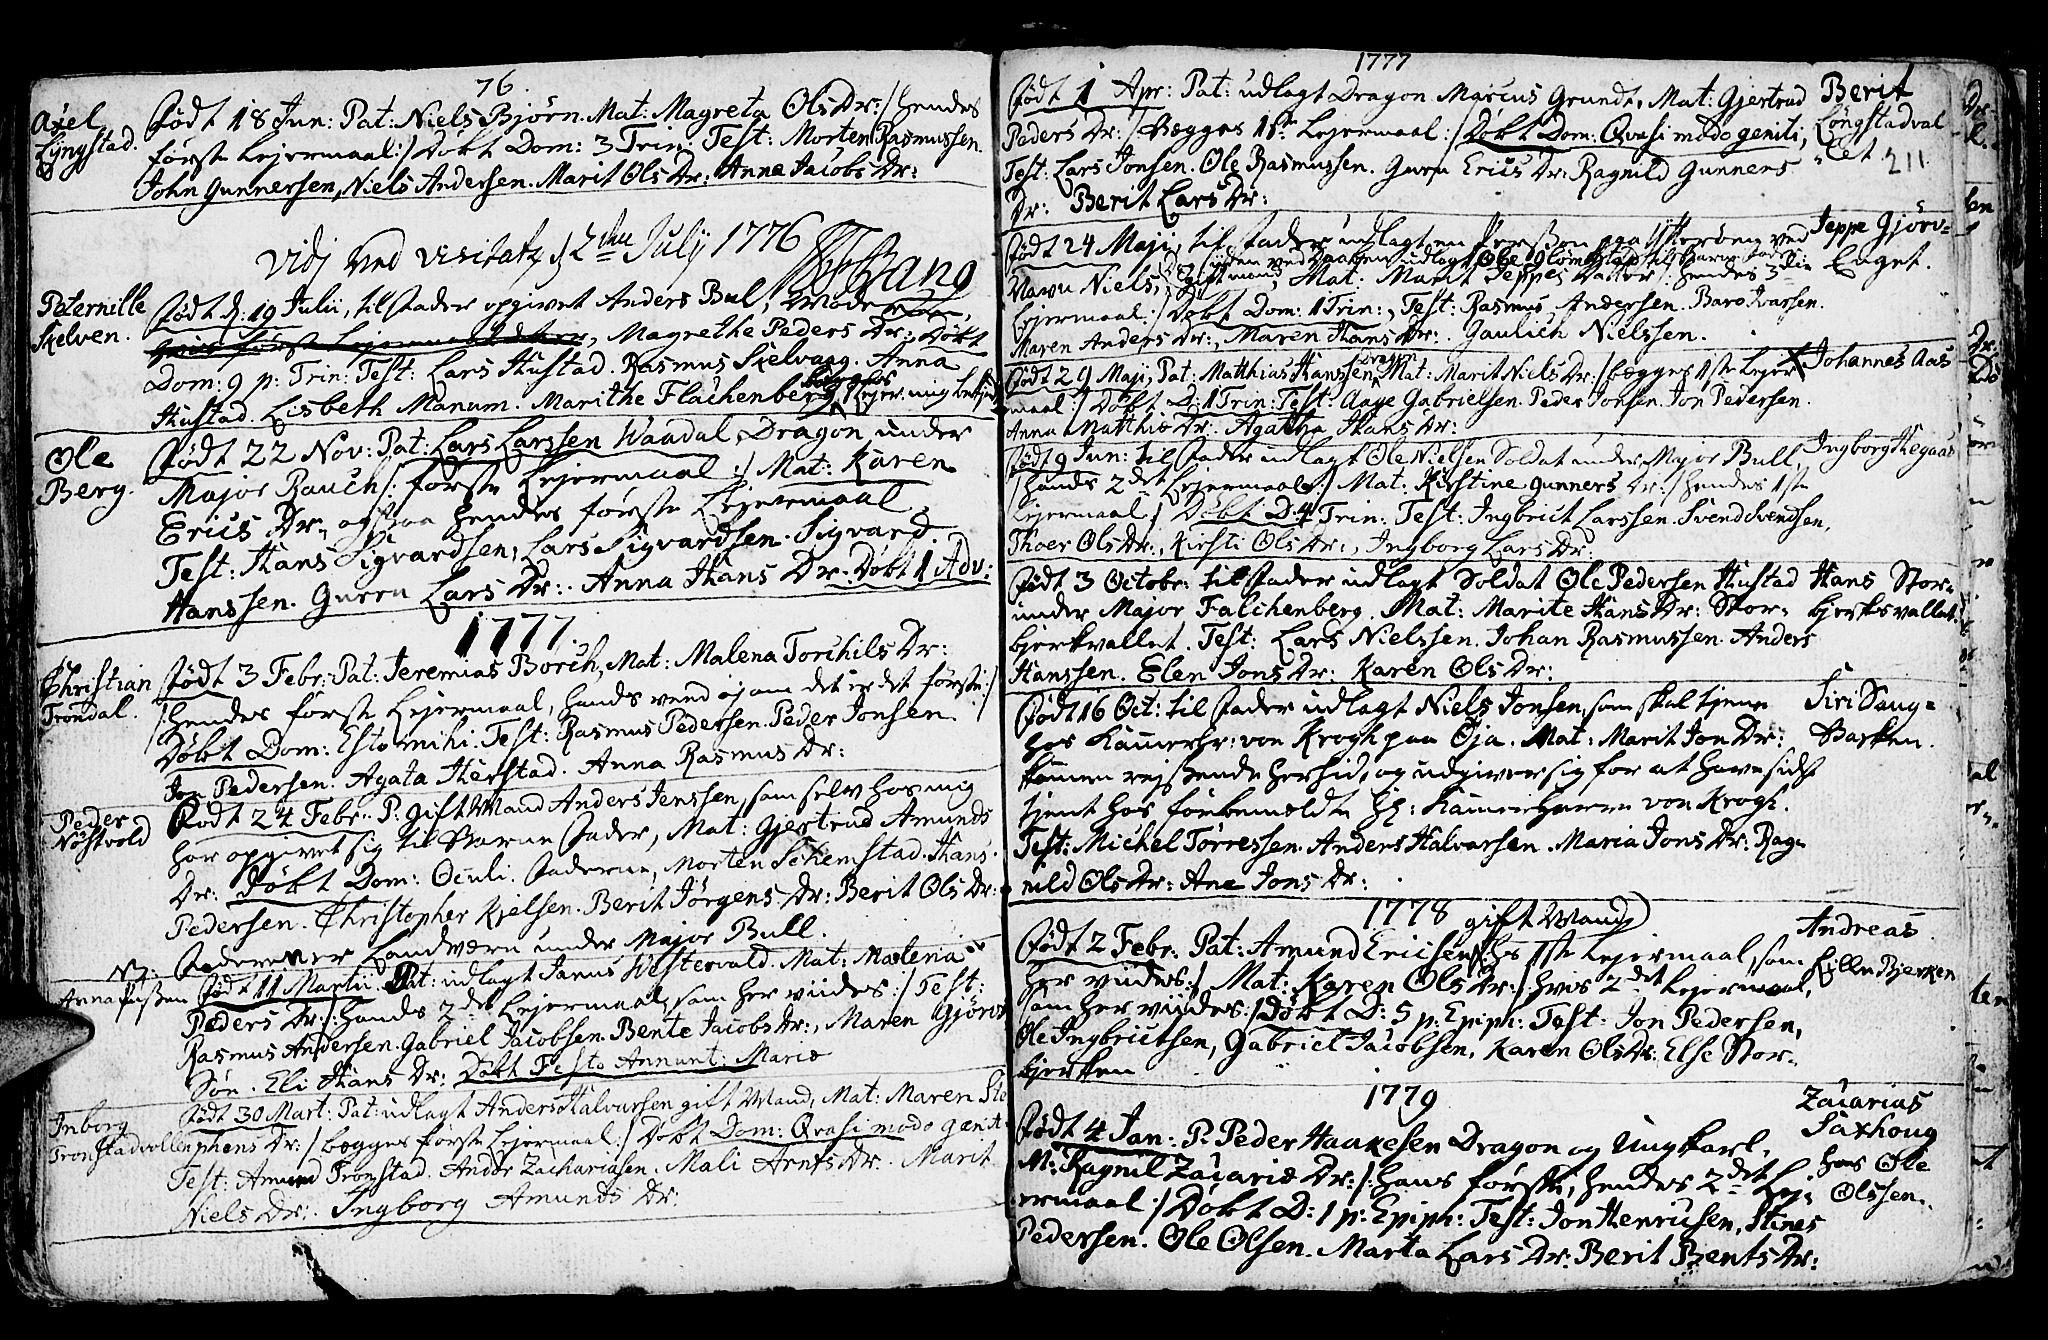 SAT, Ministerialprotokoller, klokkerbøker og fødselsregistre - Nord-Trøndelag, 730/L0273: Ministerialbok nr. 730A02, 1762-1802, s. 211